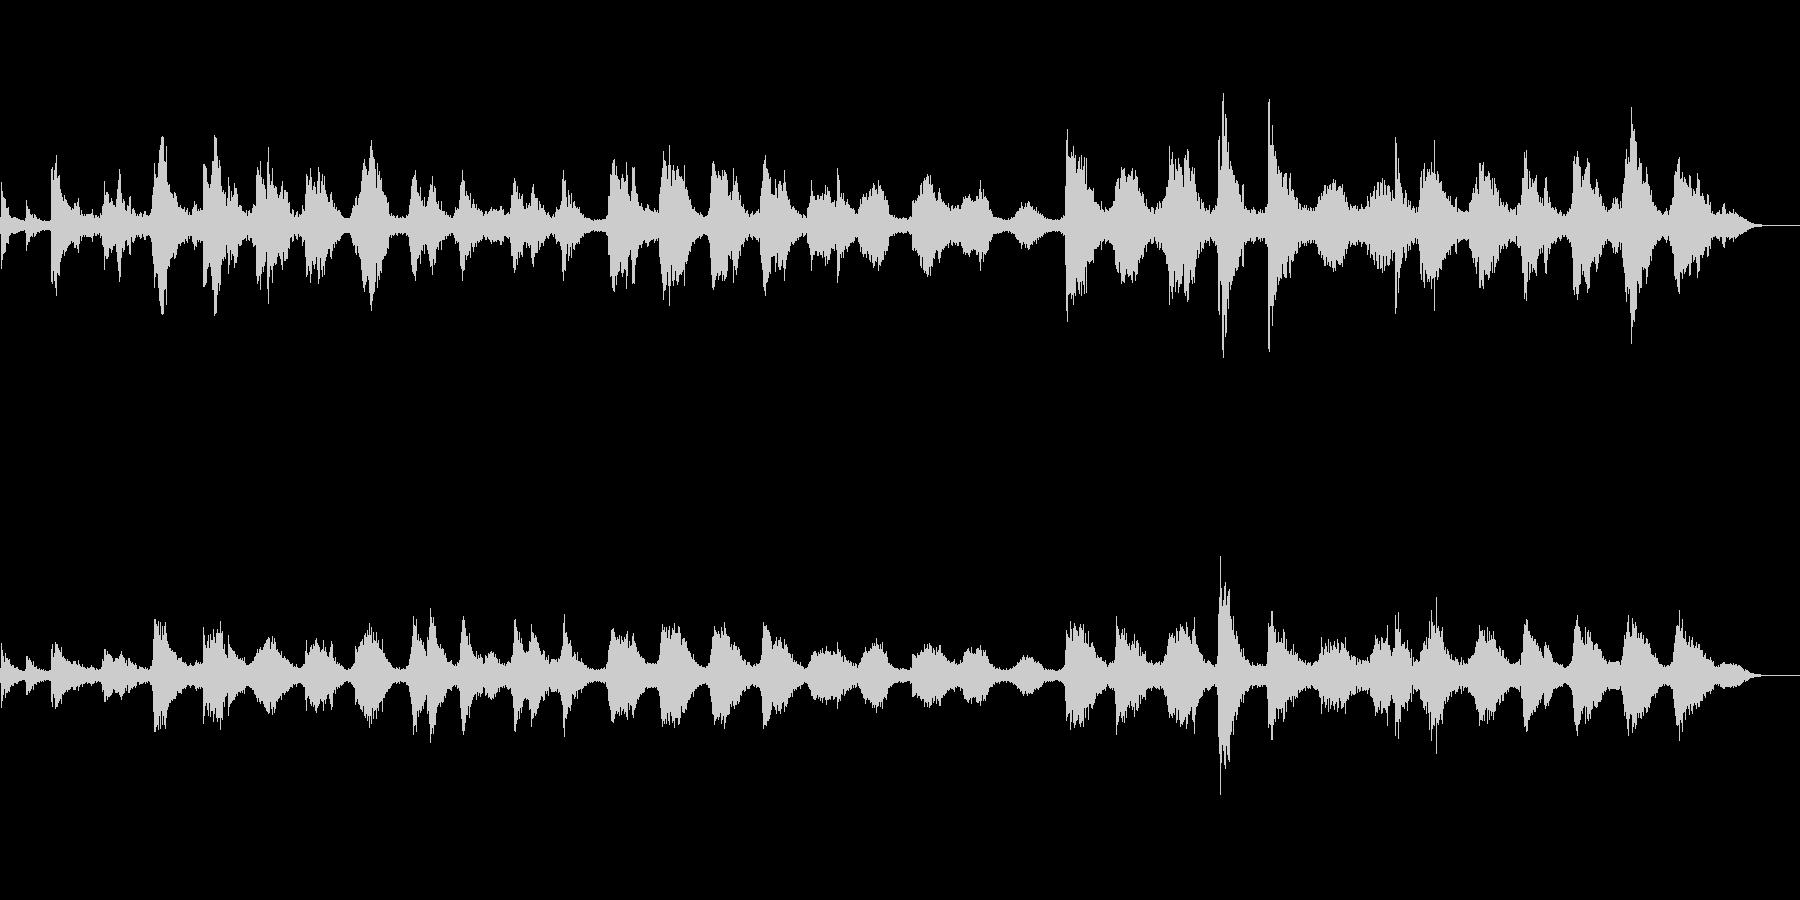 和風アジア風の瞑想ヒーリング的電子音楽の未再生の波形